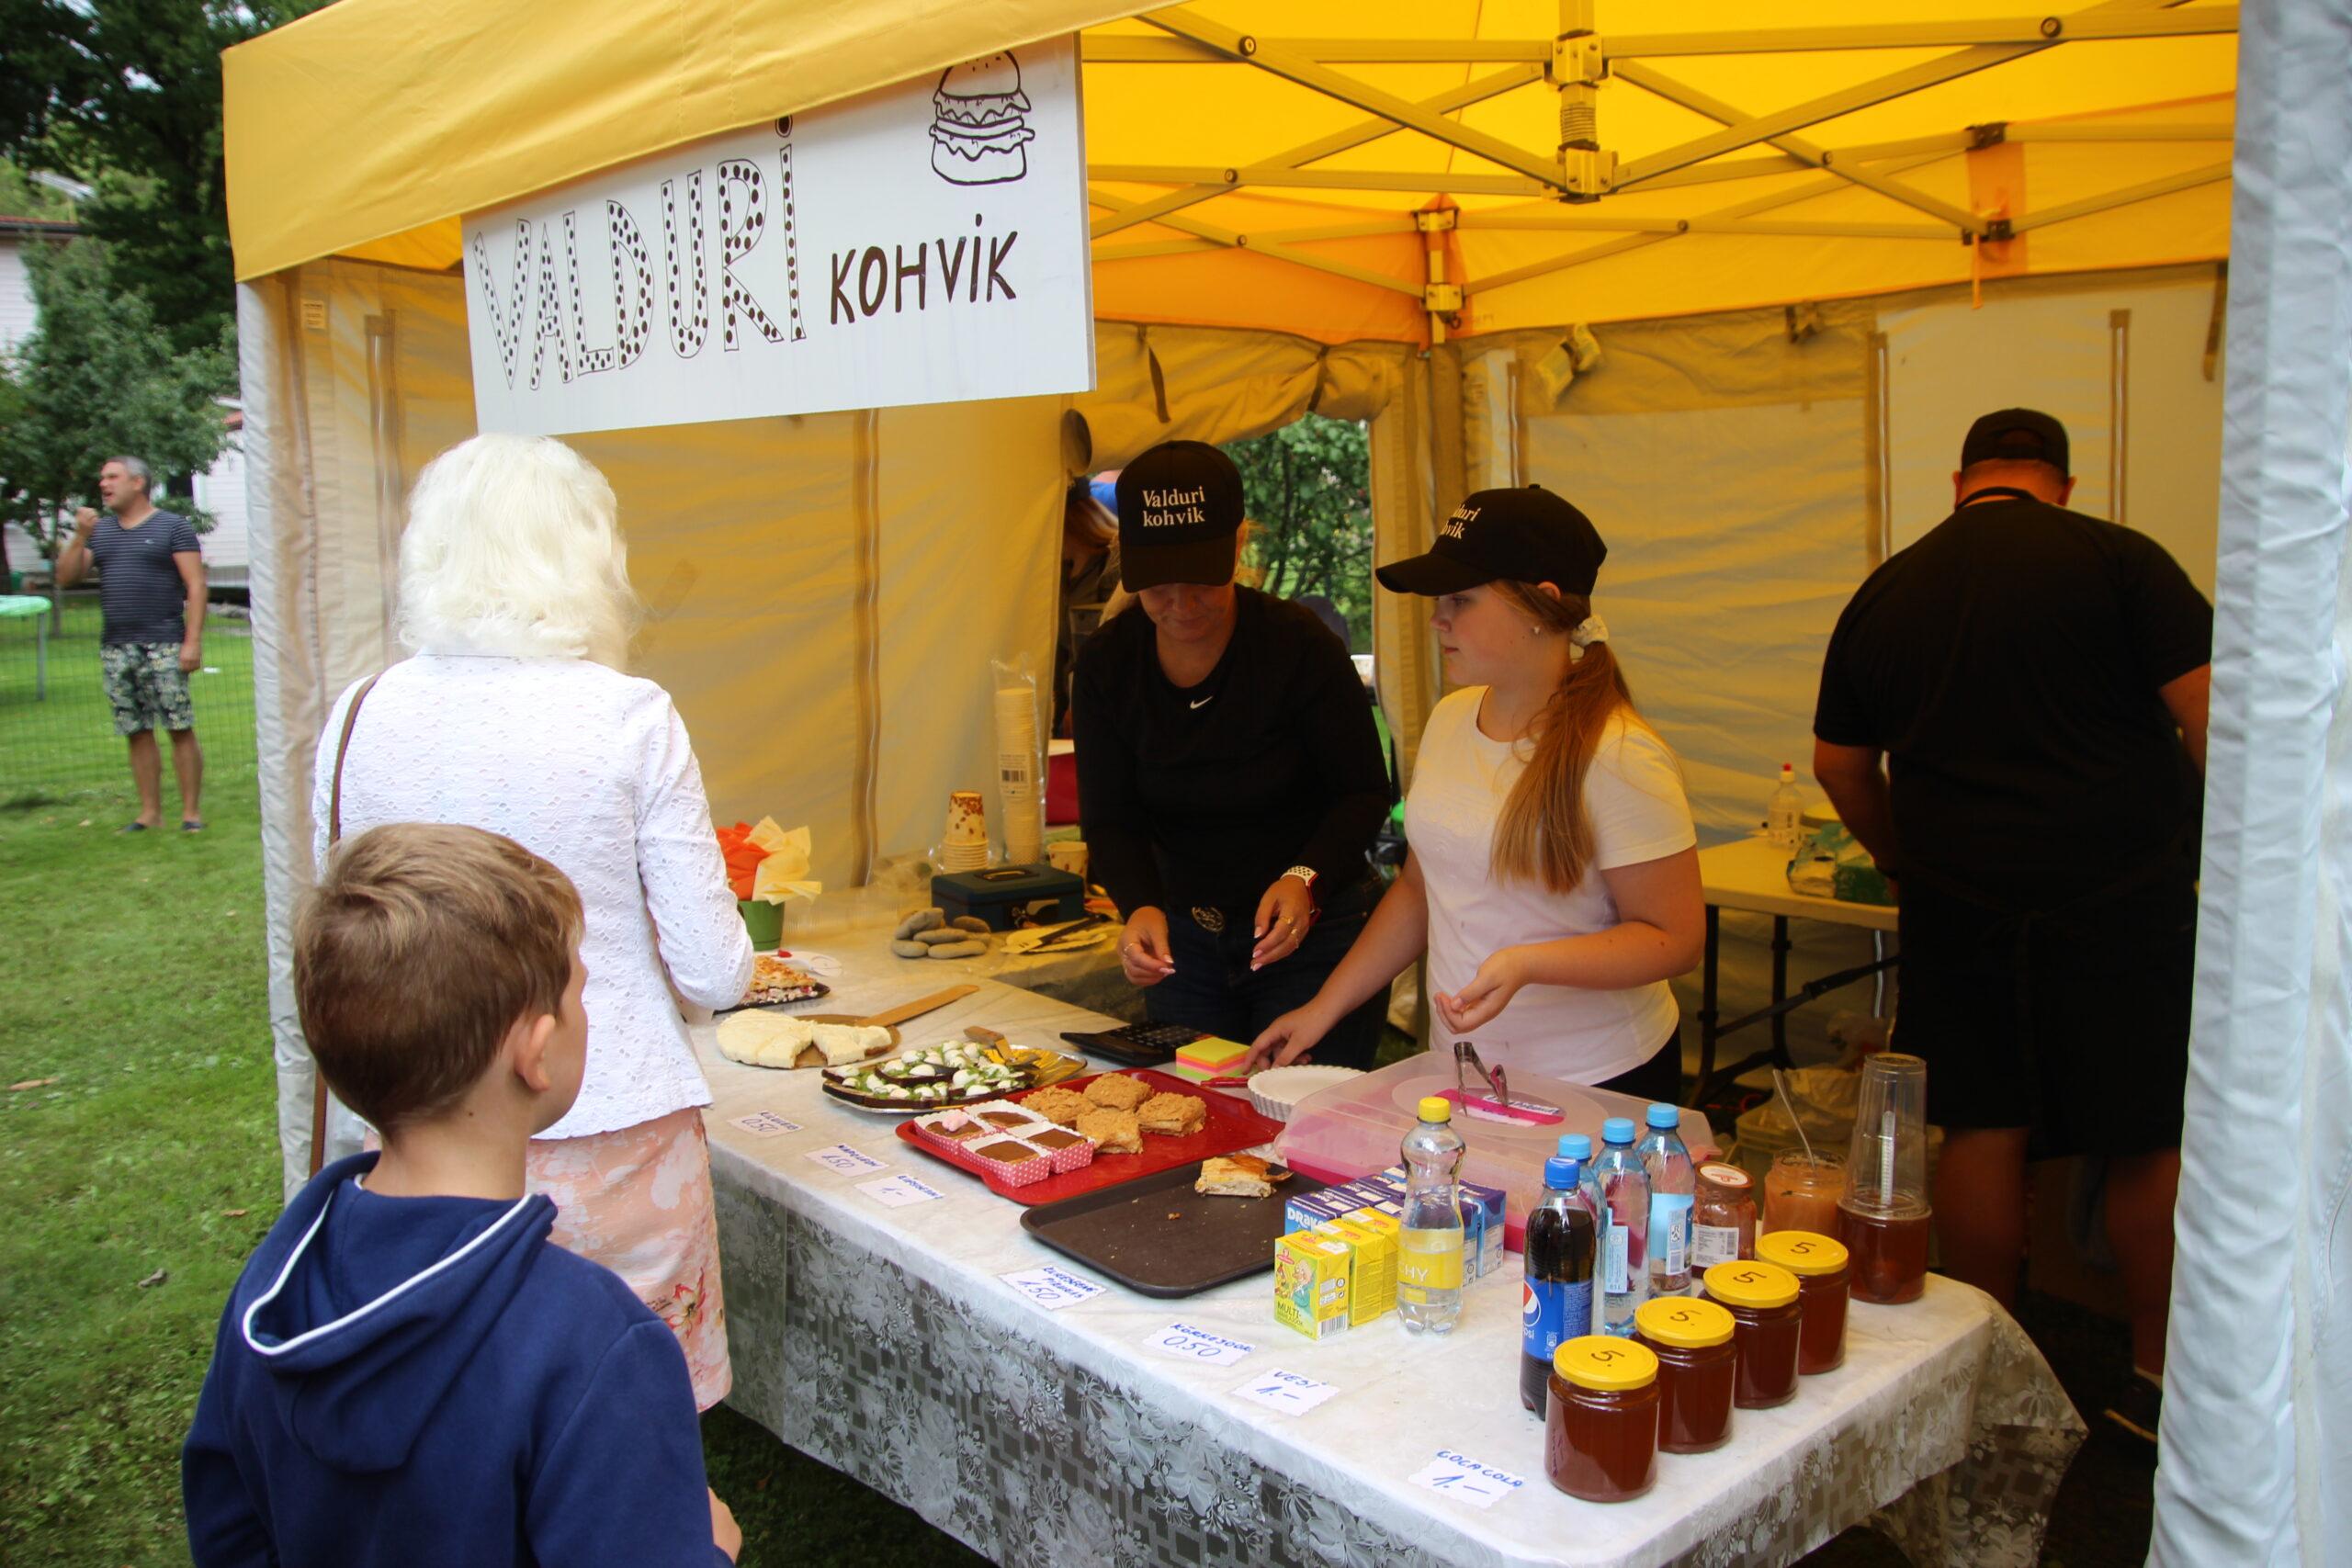 Põltsamaa kohvikute päev 2021, Valduri kohvik, Foto Raimo Metsamärt.